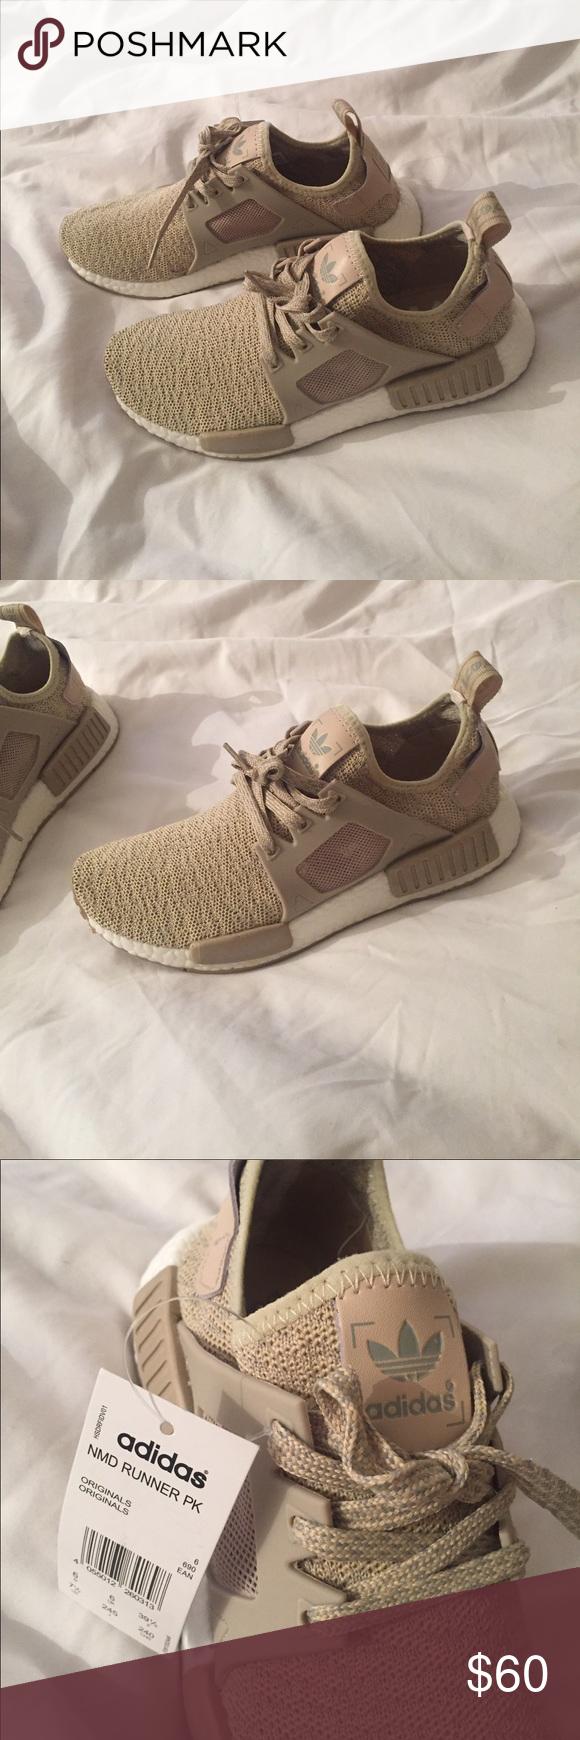 18 nike scarpe adidas nmd, nmd e le adidas